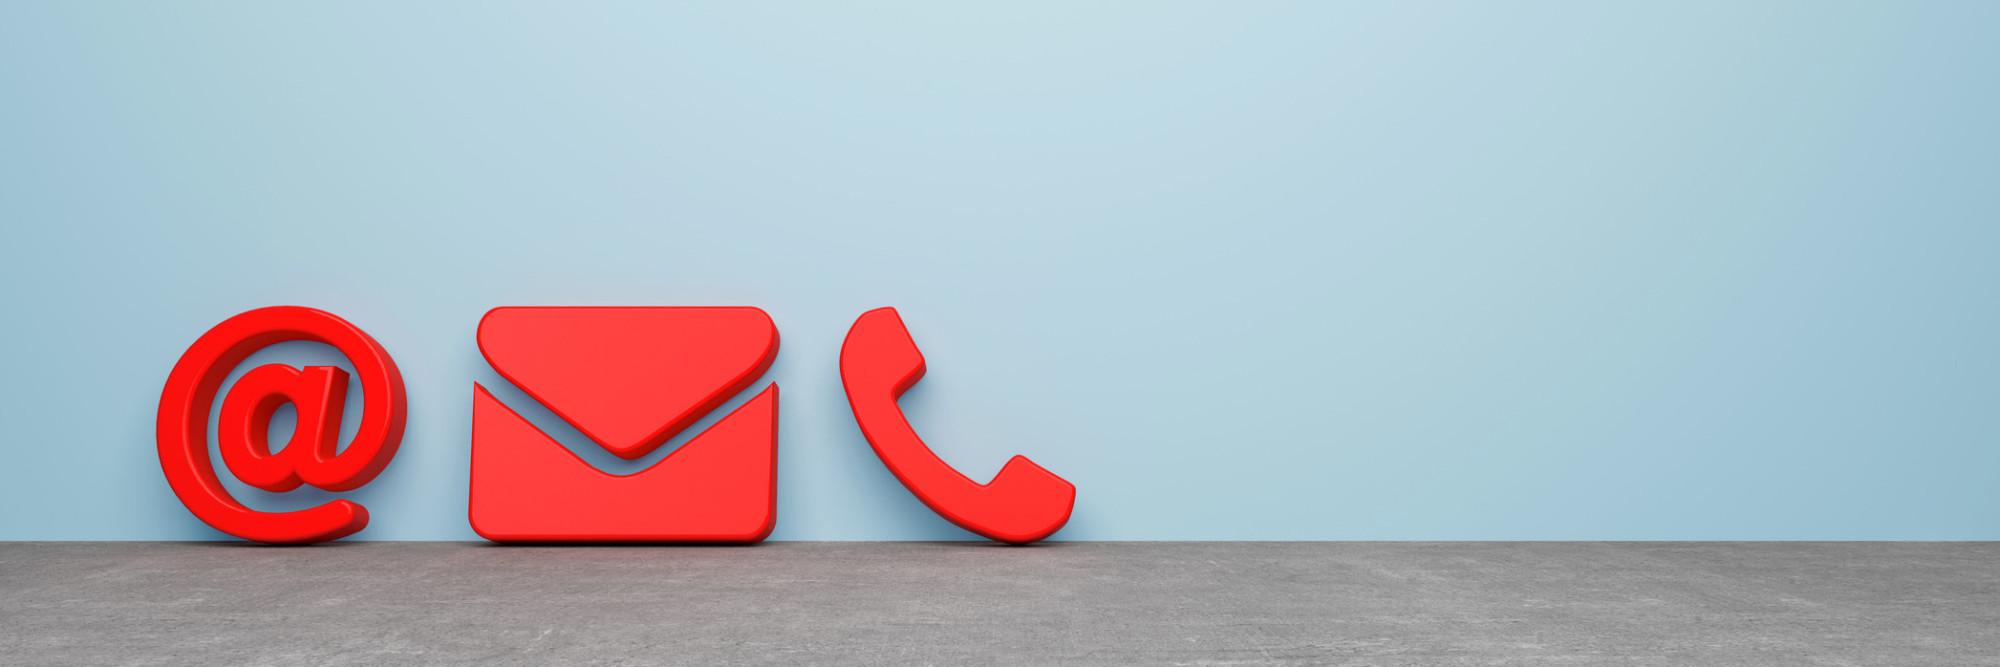 @-Zeichen, Mail-Zeichen und Telefonhörer lehnen als rote Symbole vor einer grauen Wand.